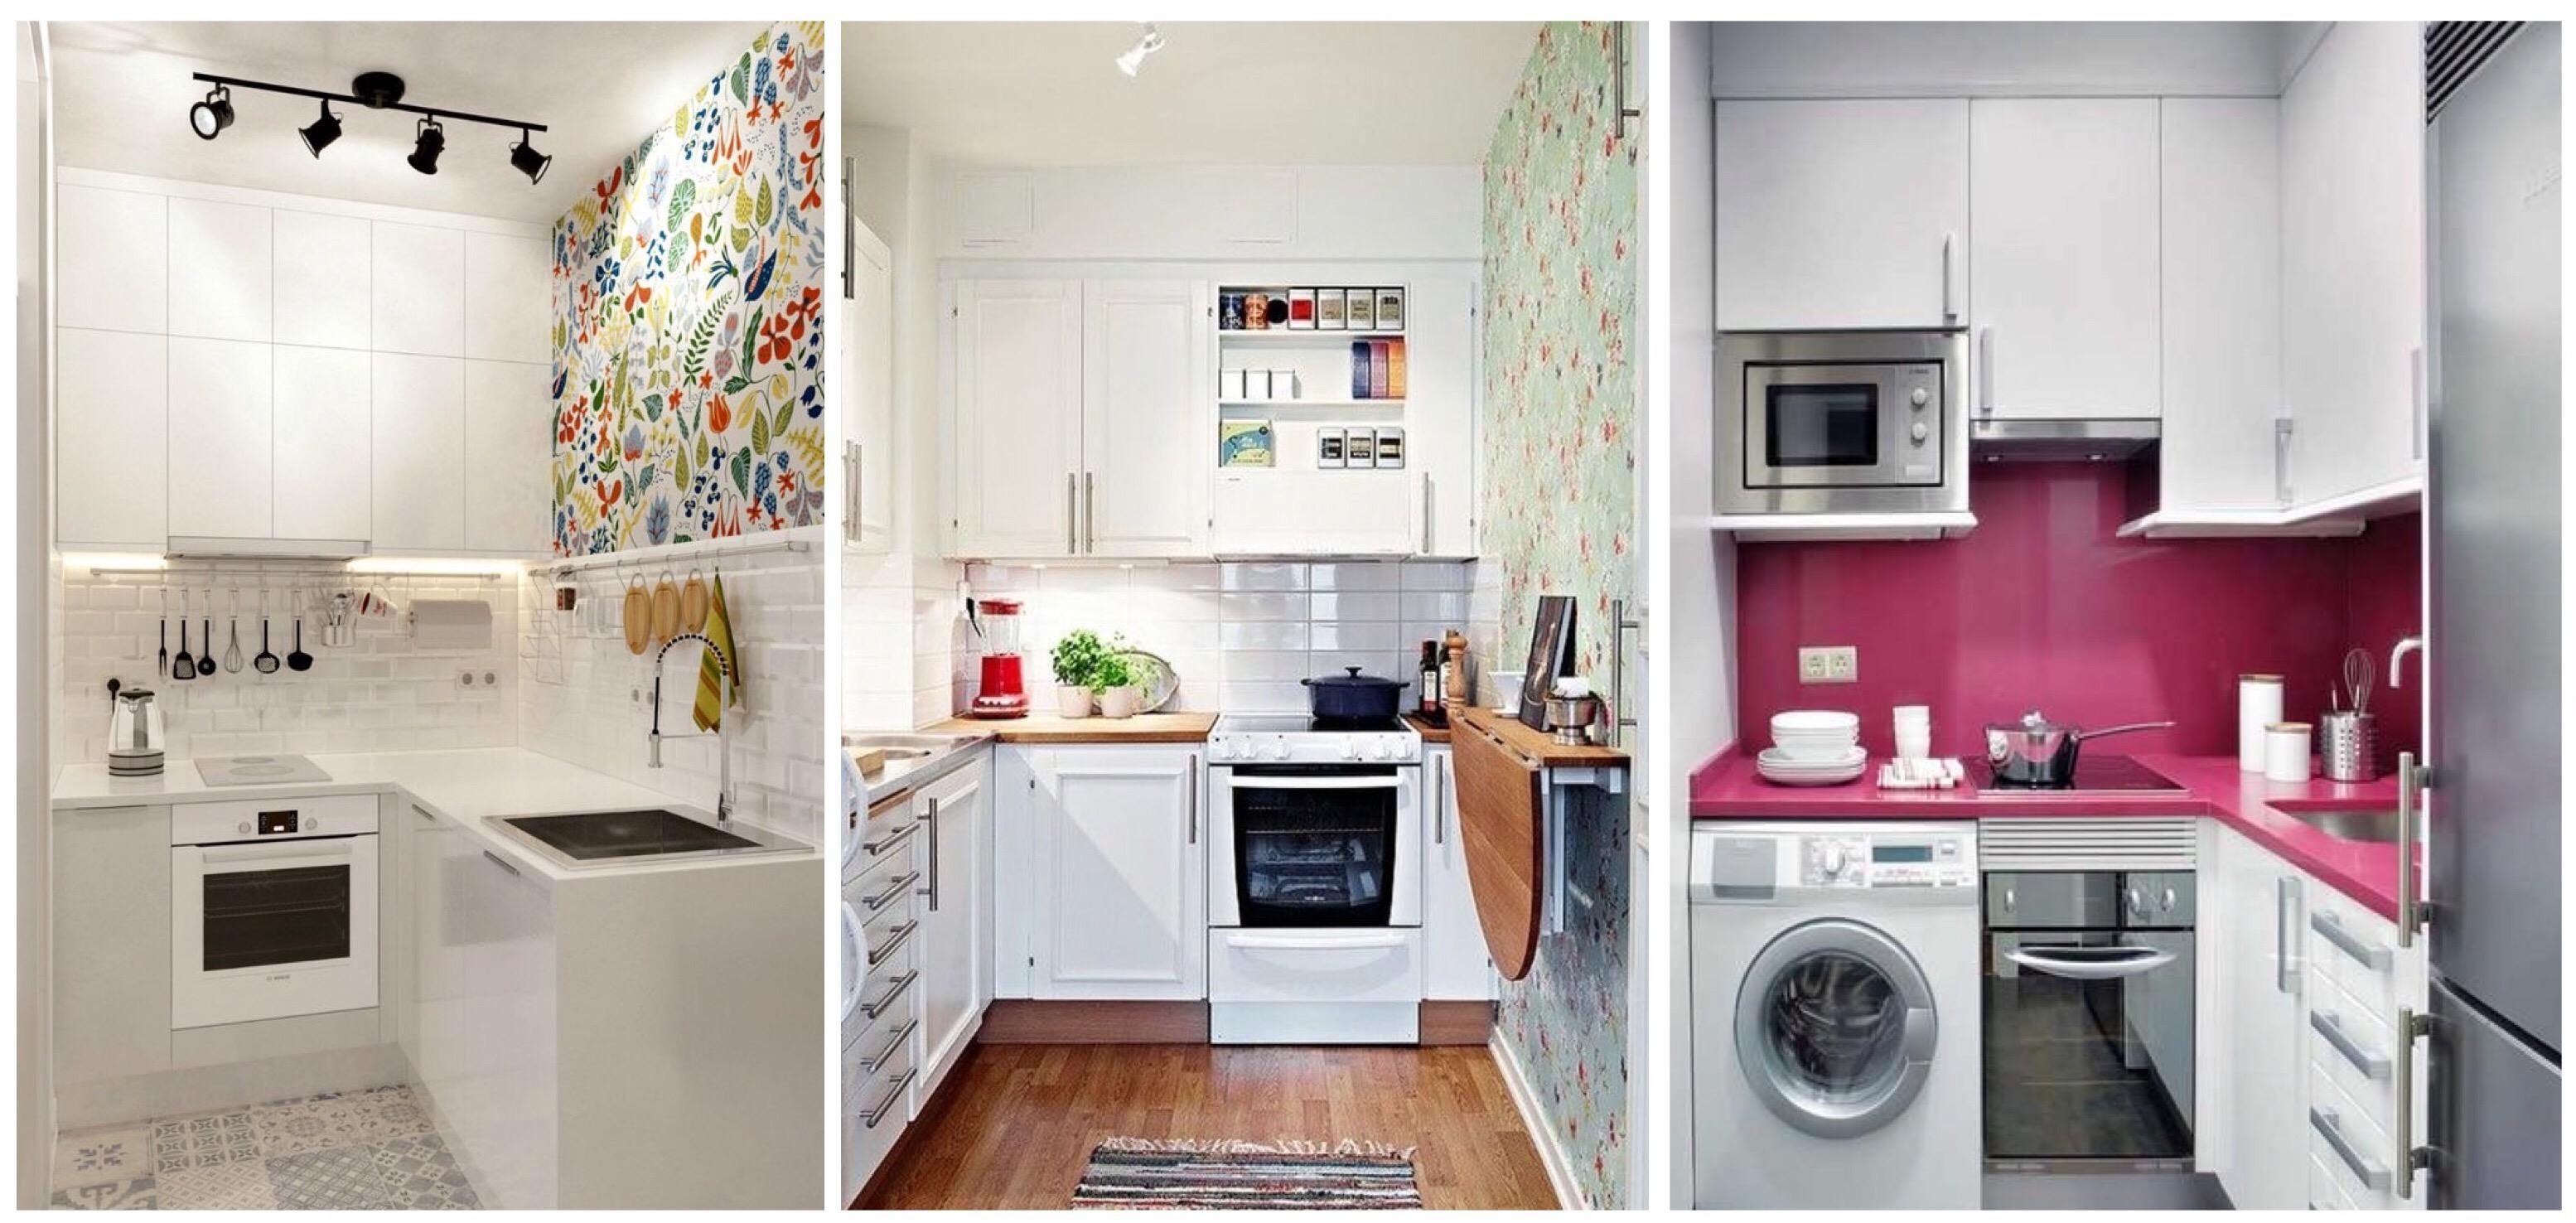 Tips Menata Dapur Sempit Agar Terlihat Lebih Lega